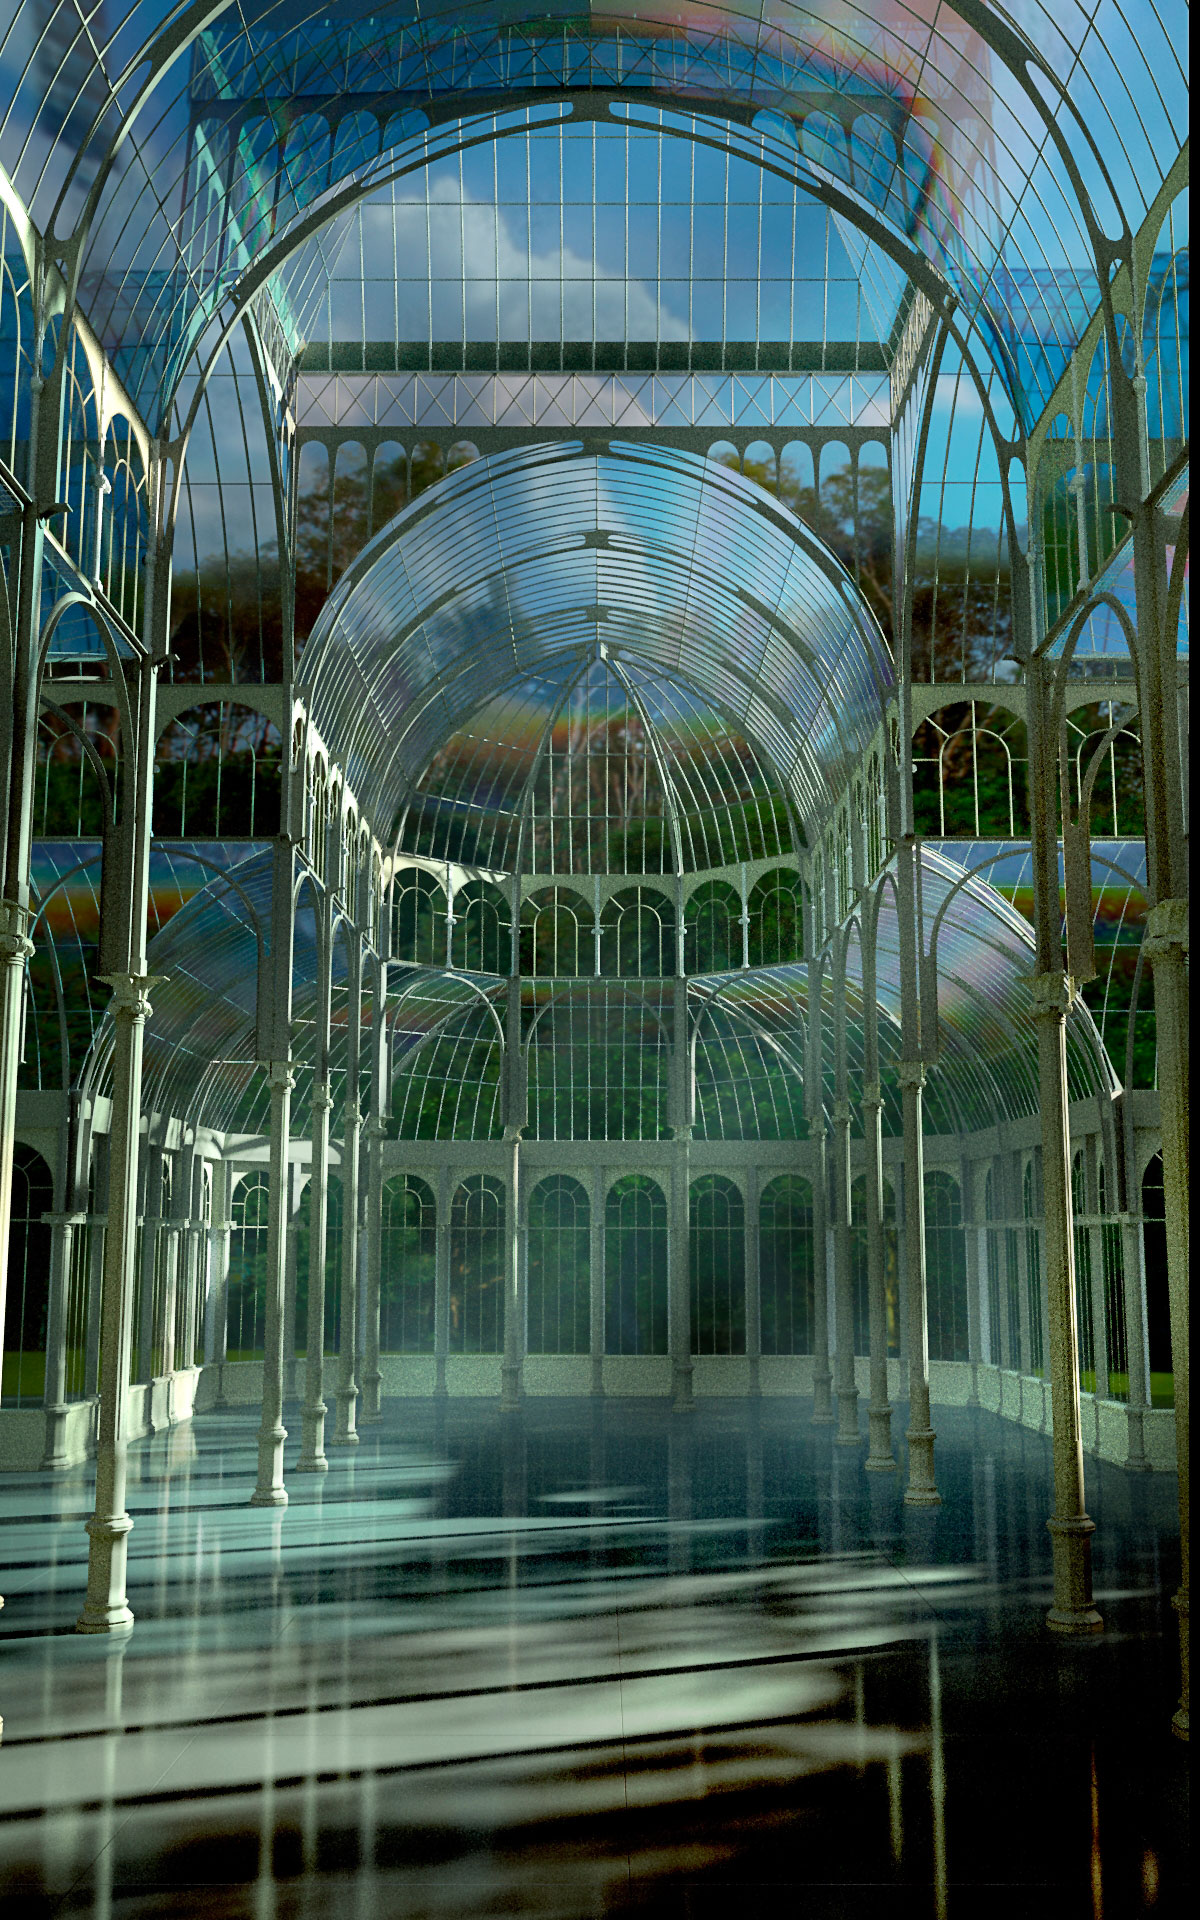 Blender El Palacio De Cristal Parque Del Retiro Madrid